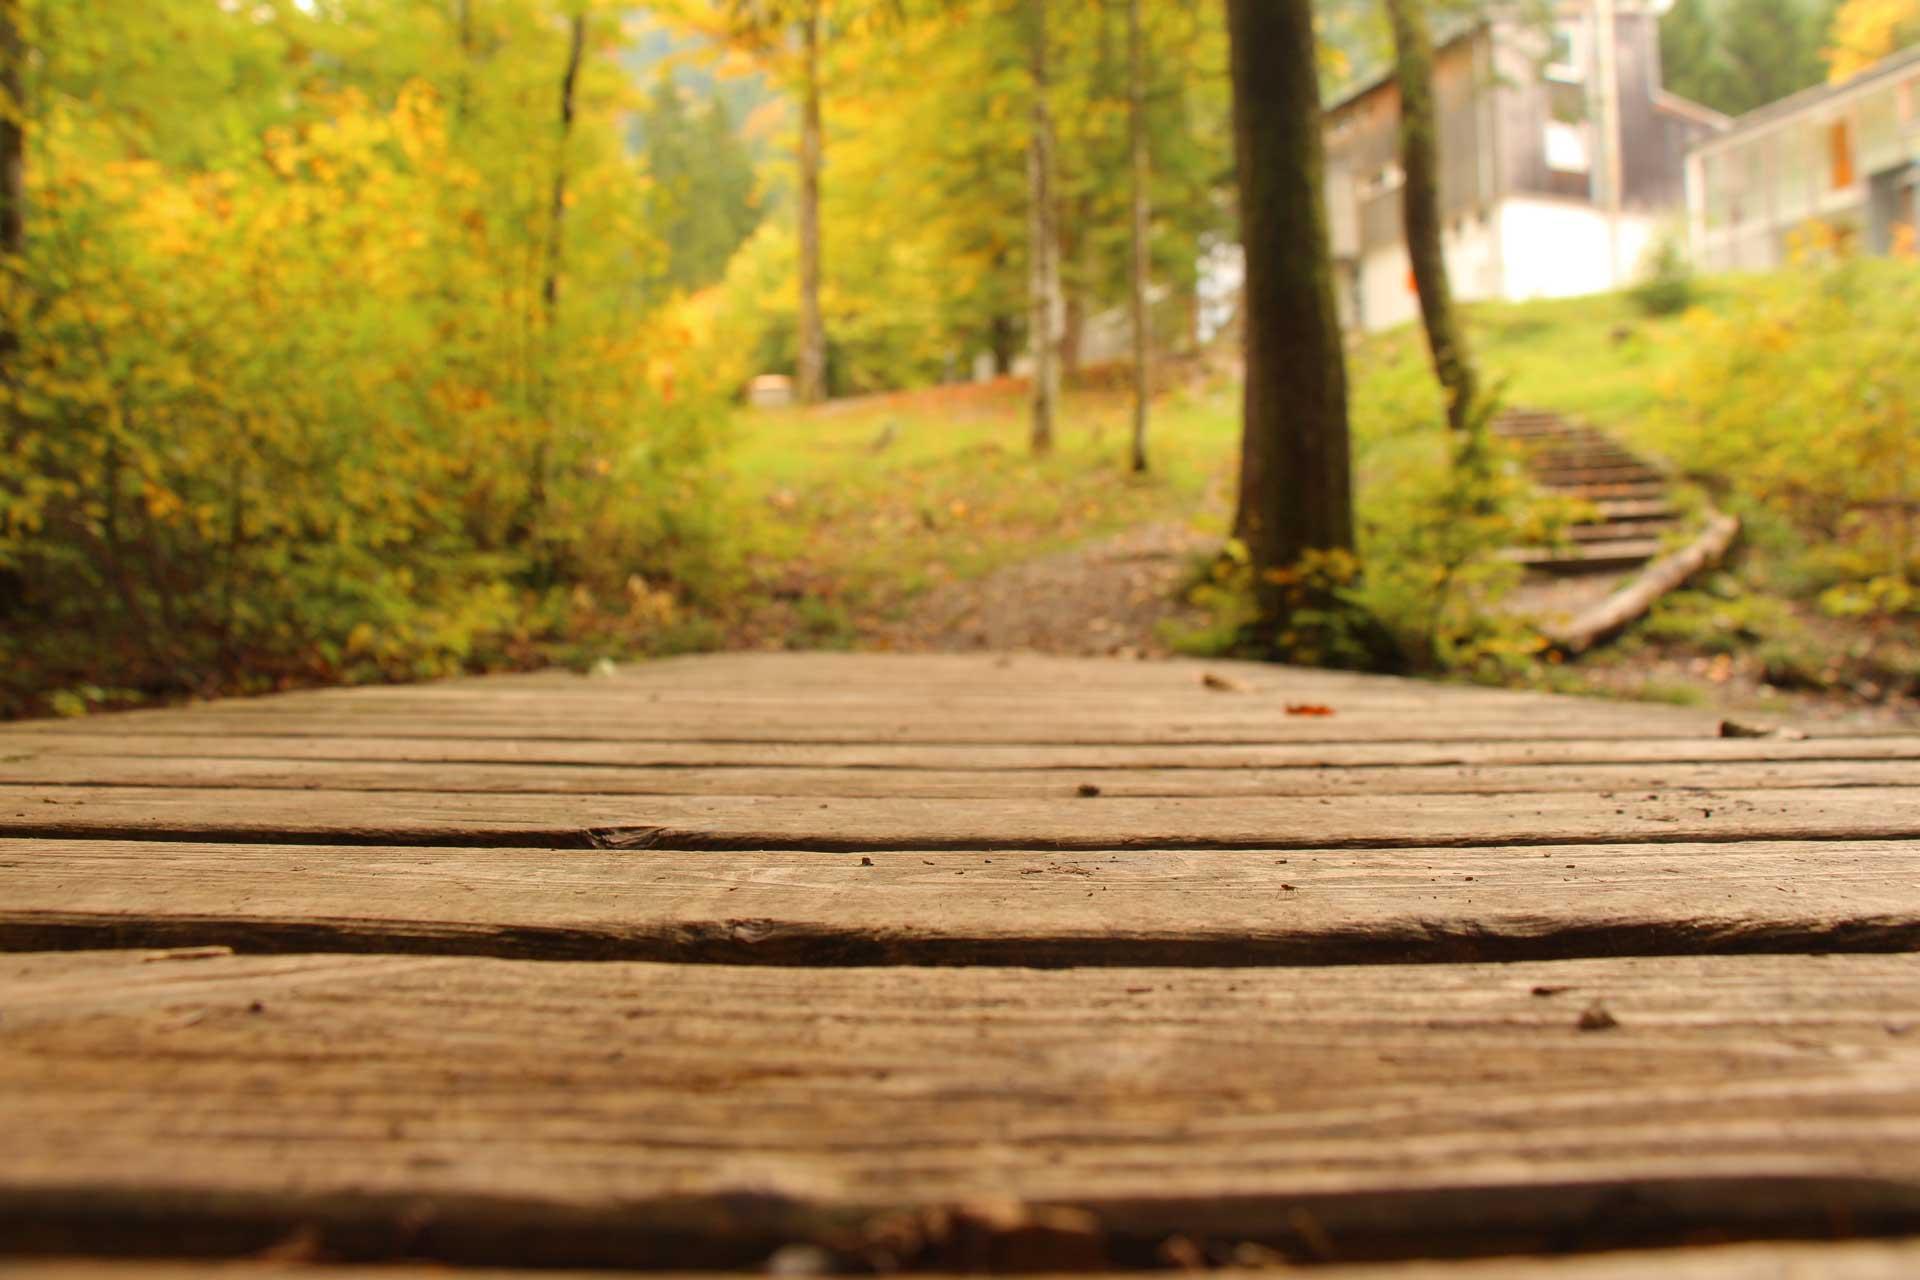 Holzsteg im Gartenbereich des Studienzentrums Josefstal